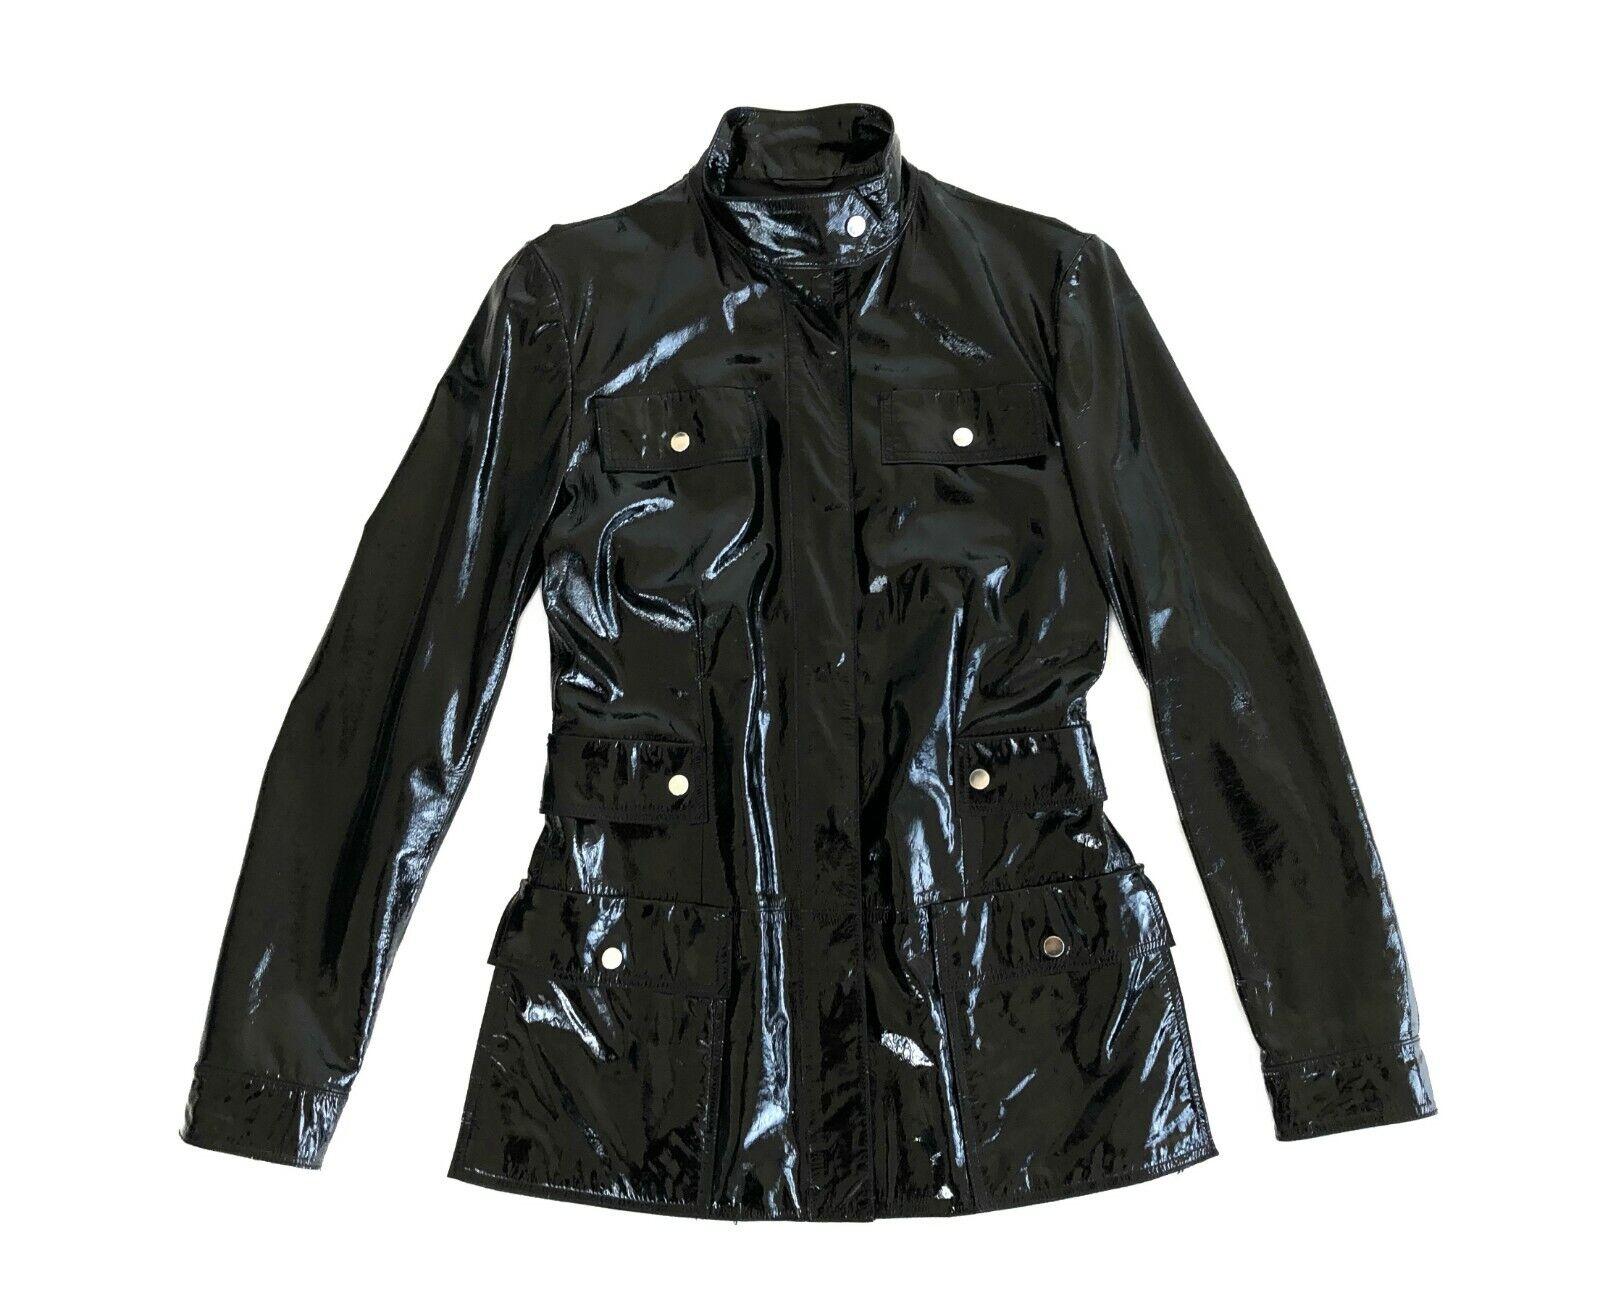 chaqueta de esquí de nylon con estampado brbff4d0e